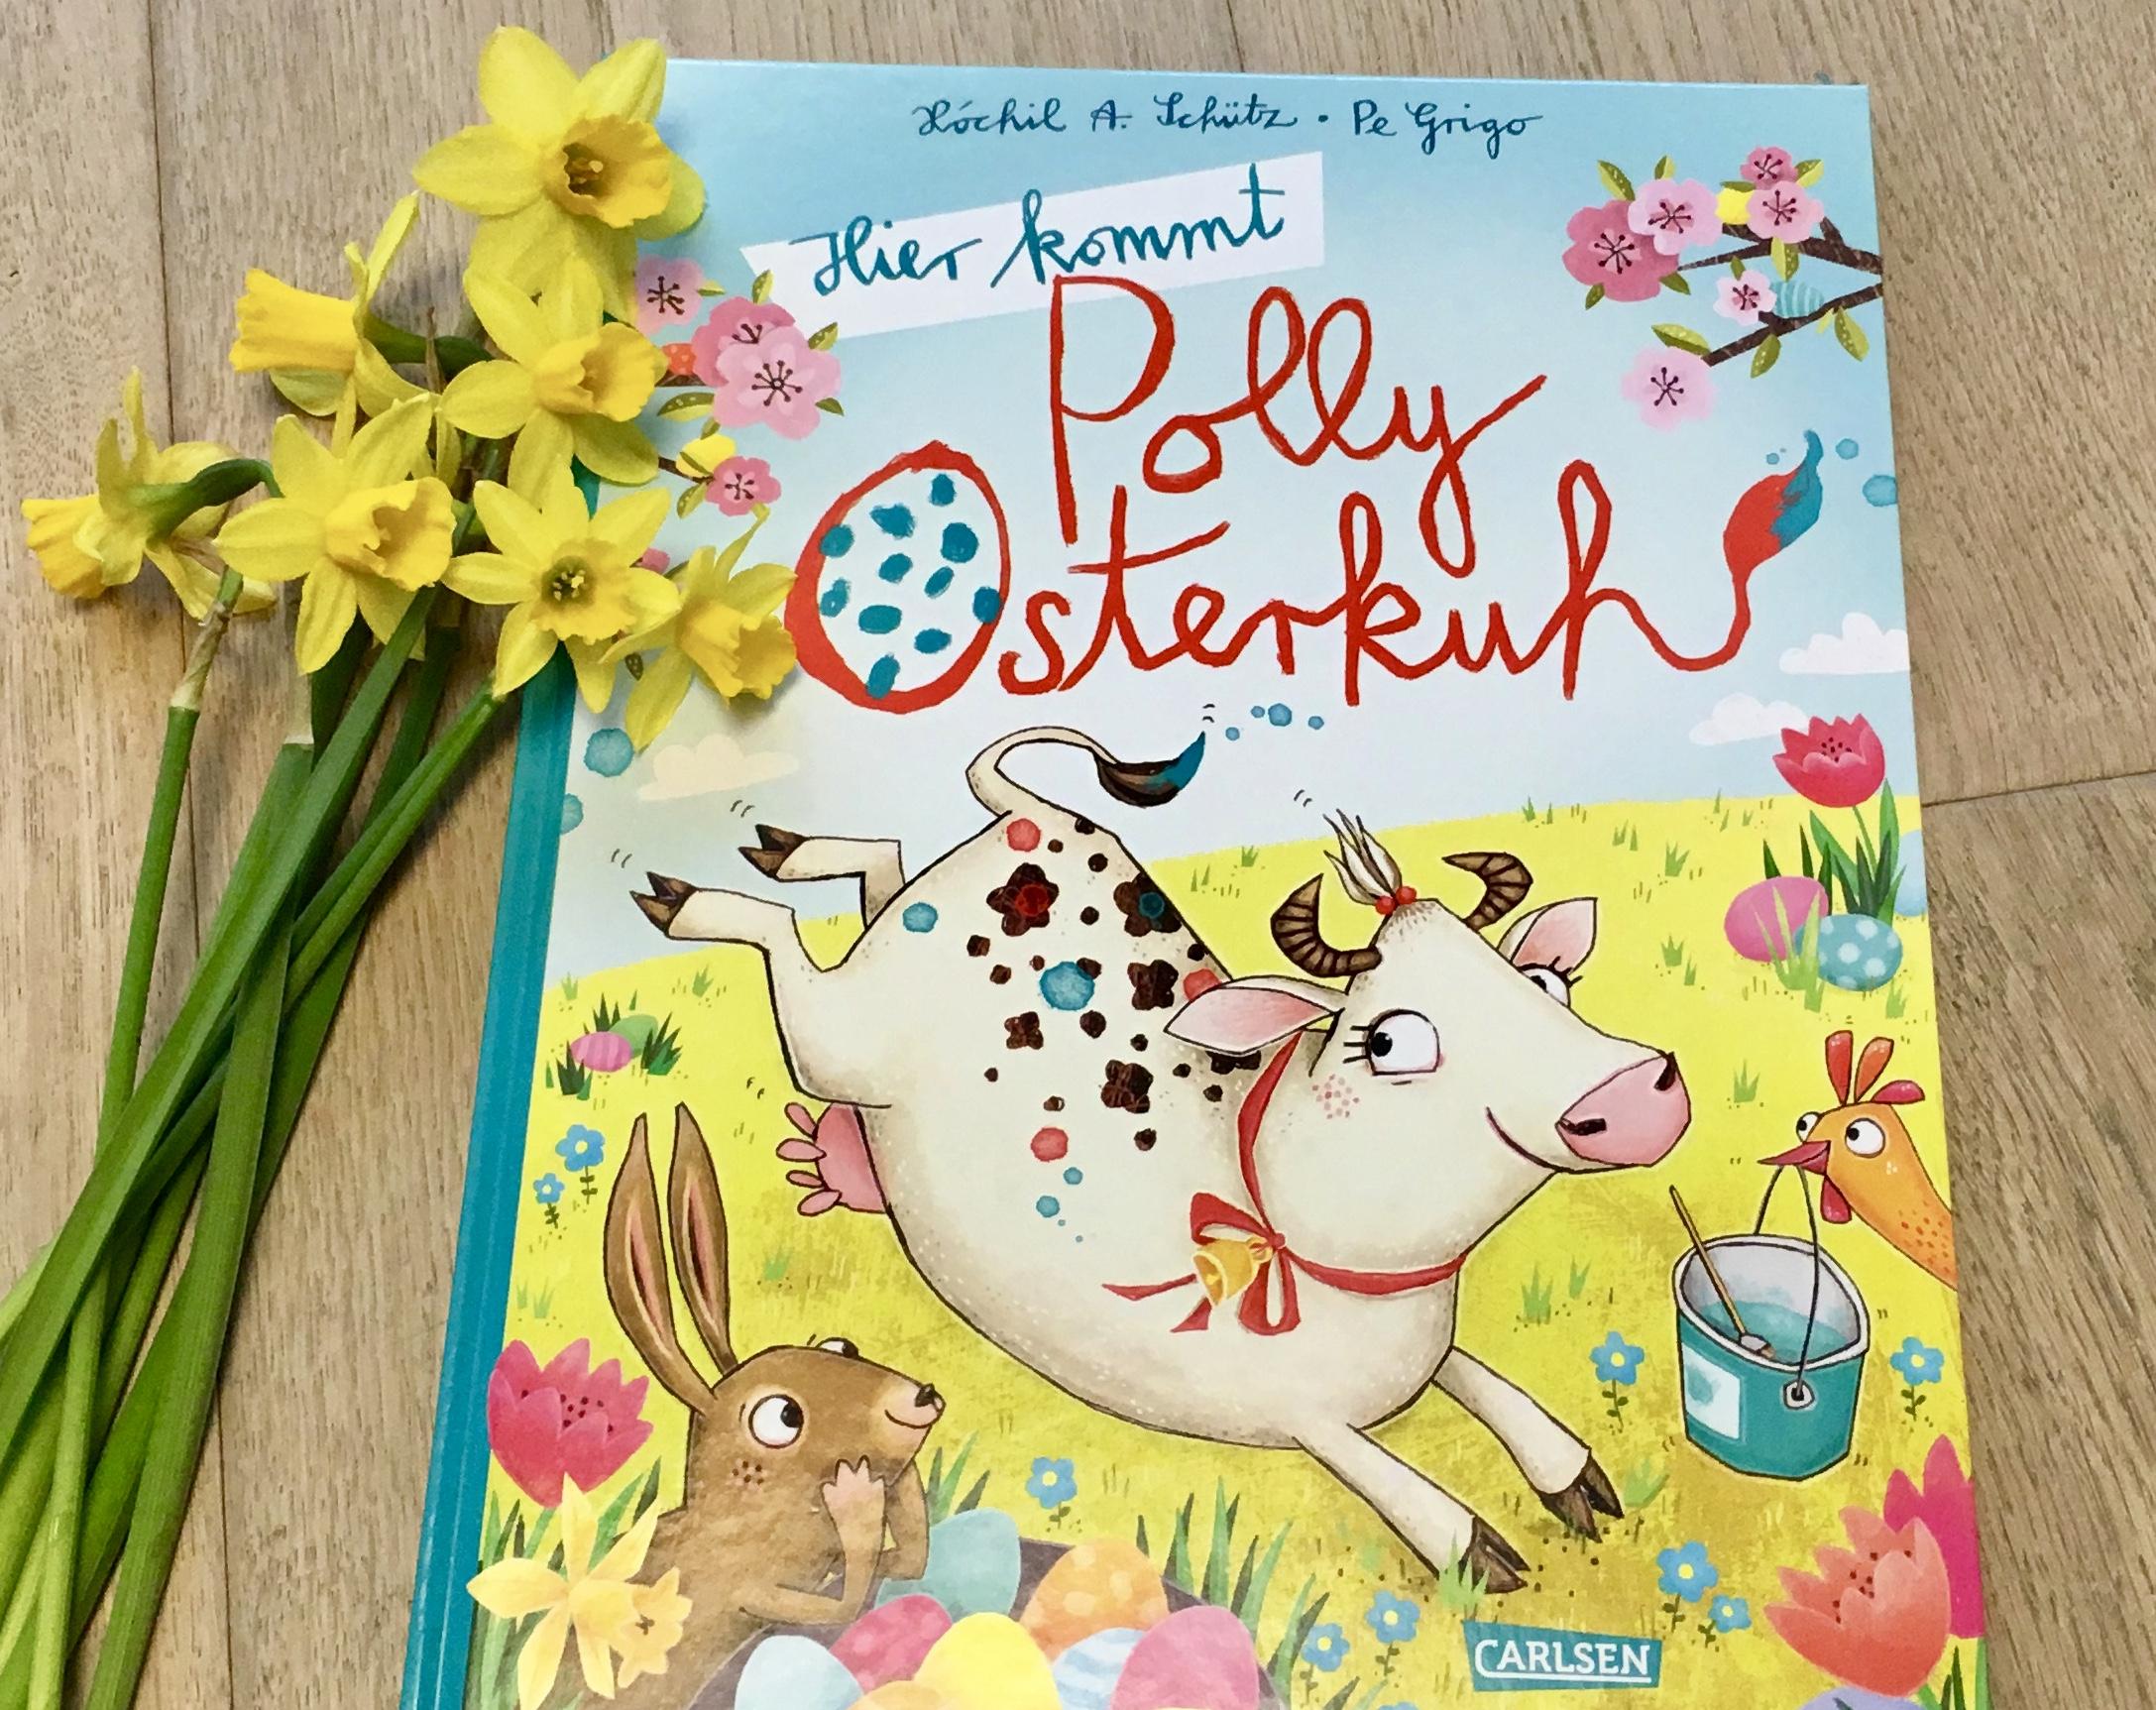 Hier kommt Polly Osterkuh von Xóchil A. Schütz (Text) und Pe Grigo (Illustration)